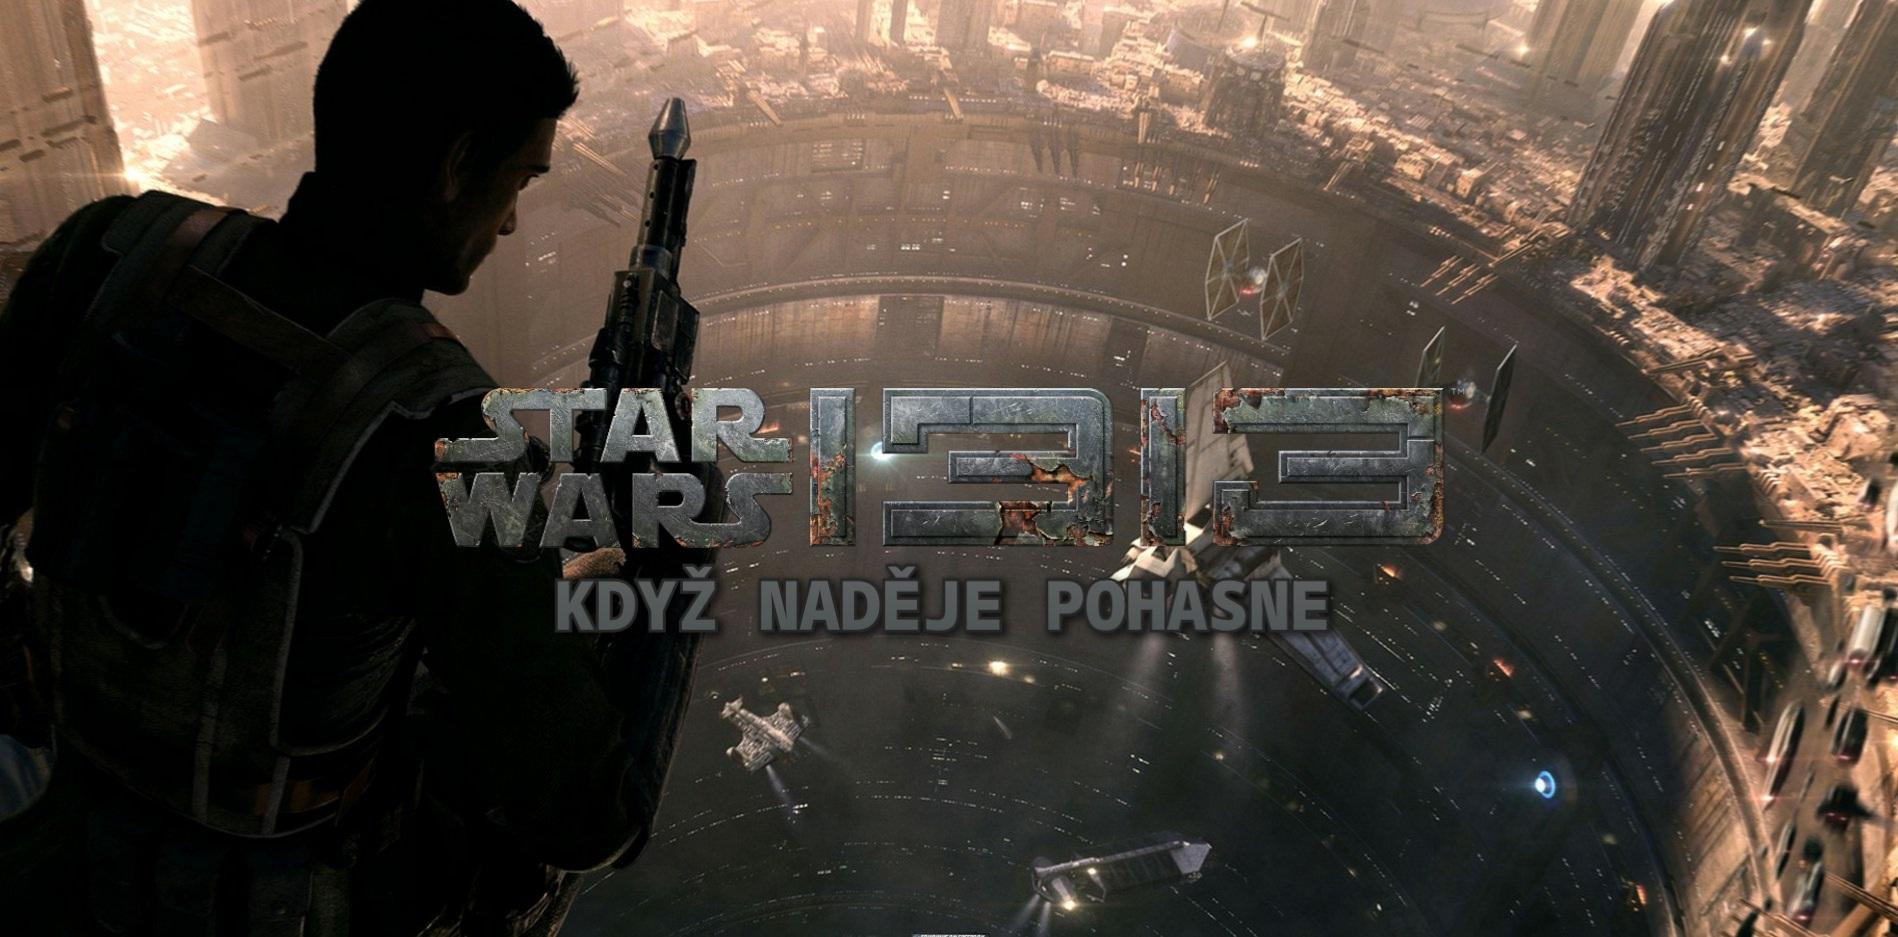 Star Wars 1313 – Když naděje pohasne